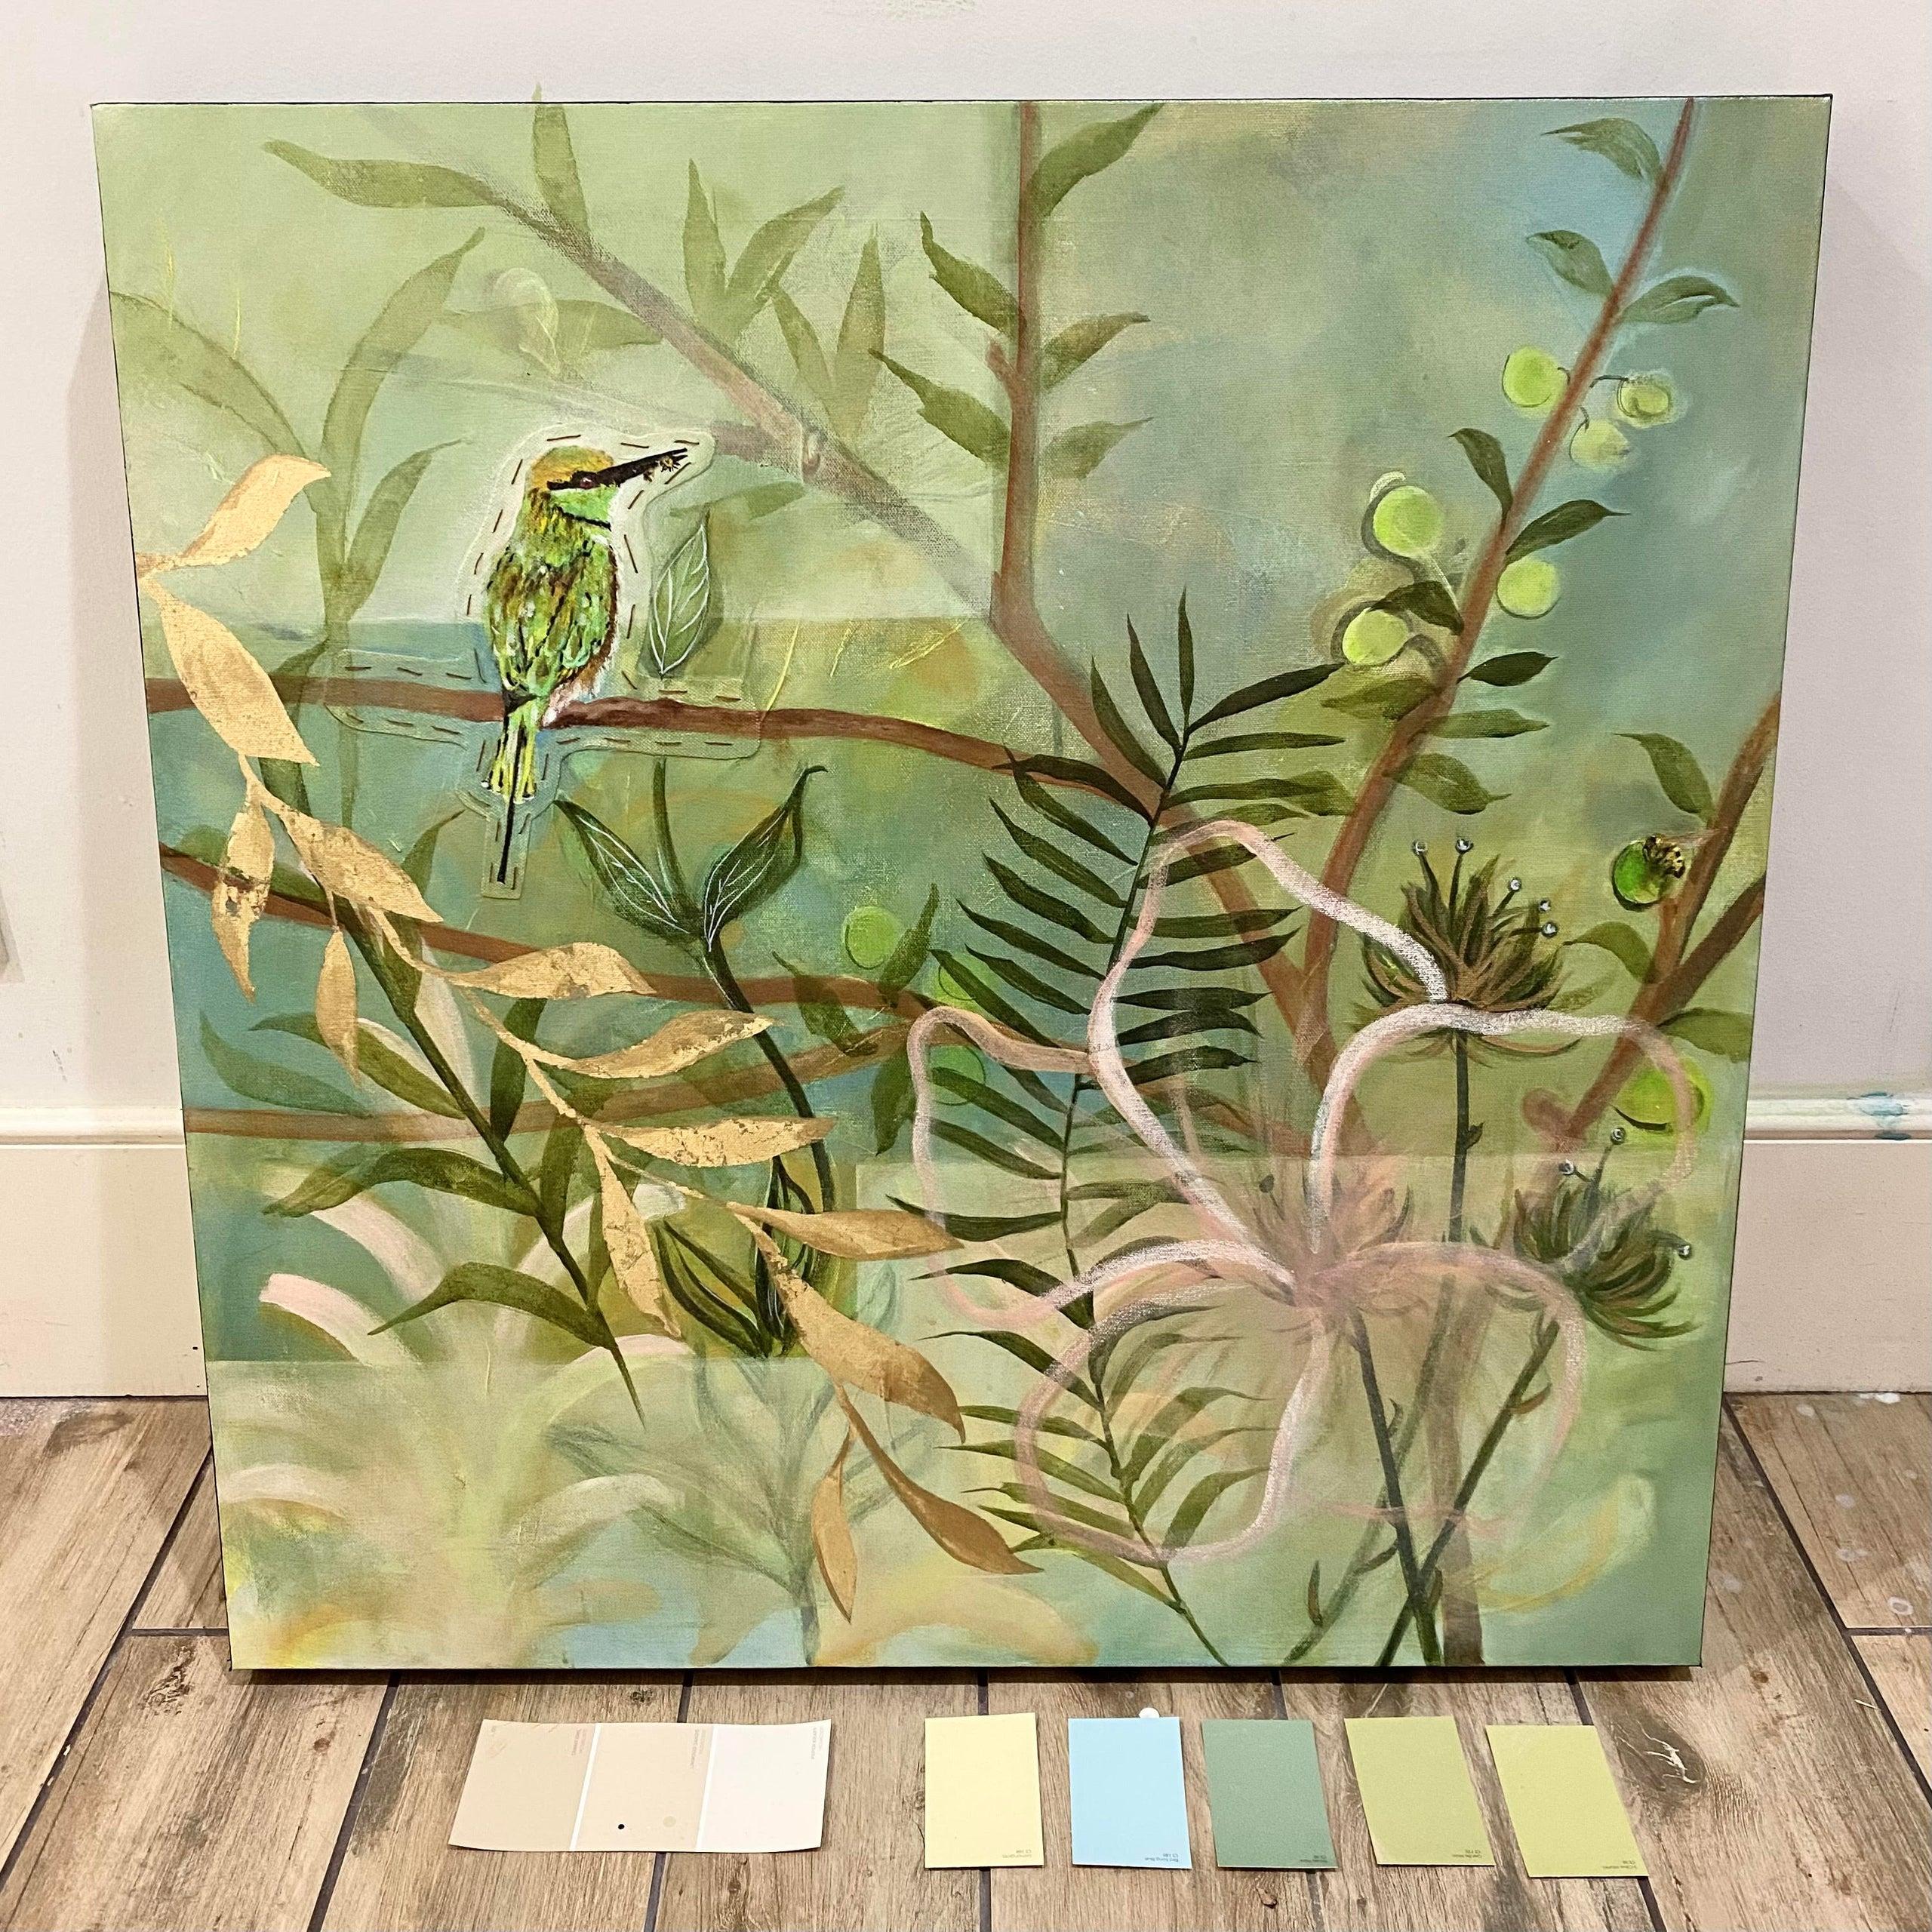 In Between Dreams painting (alt. view)